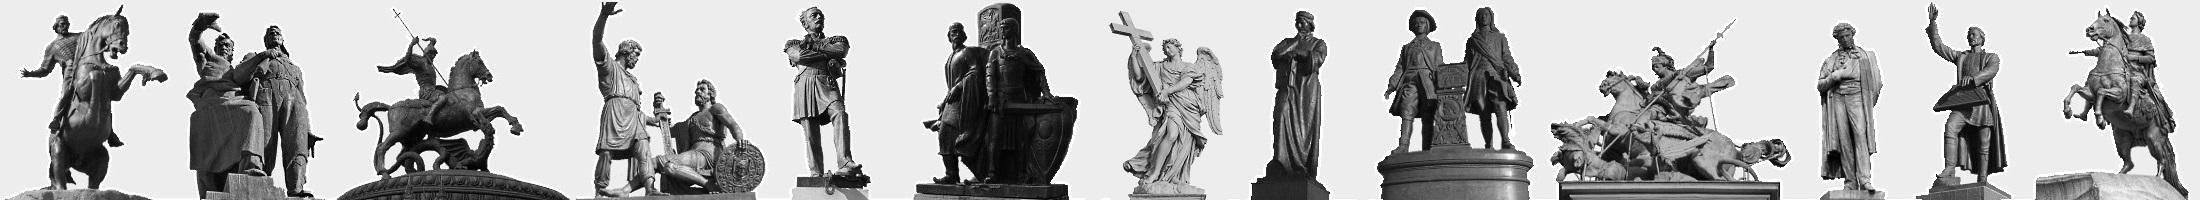 Изготовление памятников. Эксклюзивные памятники на заказ